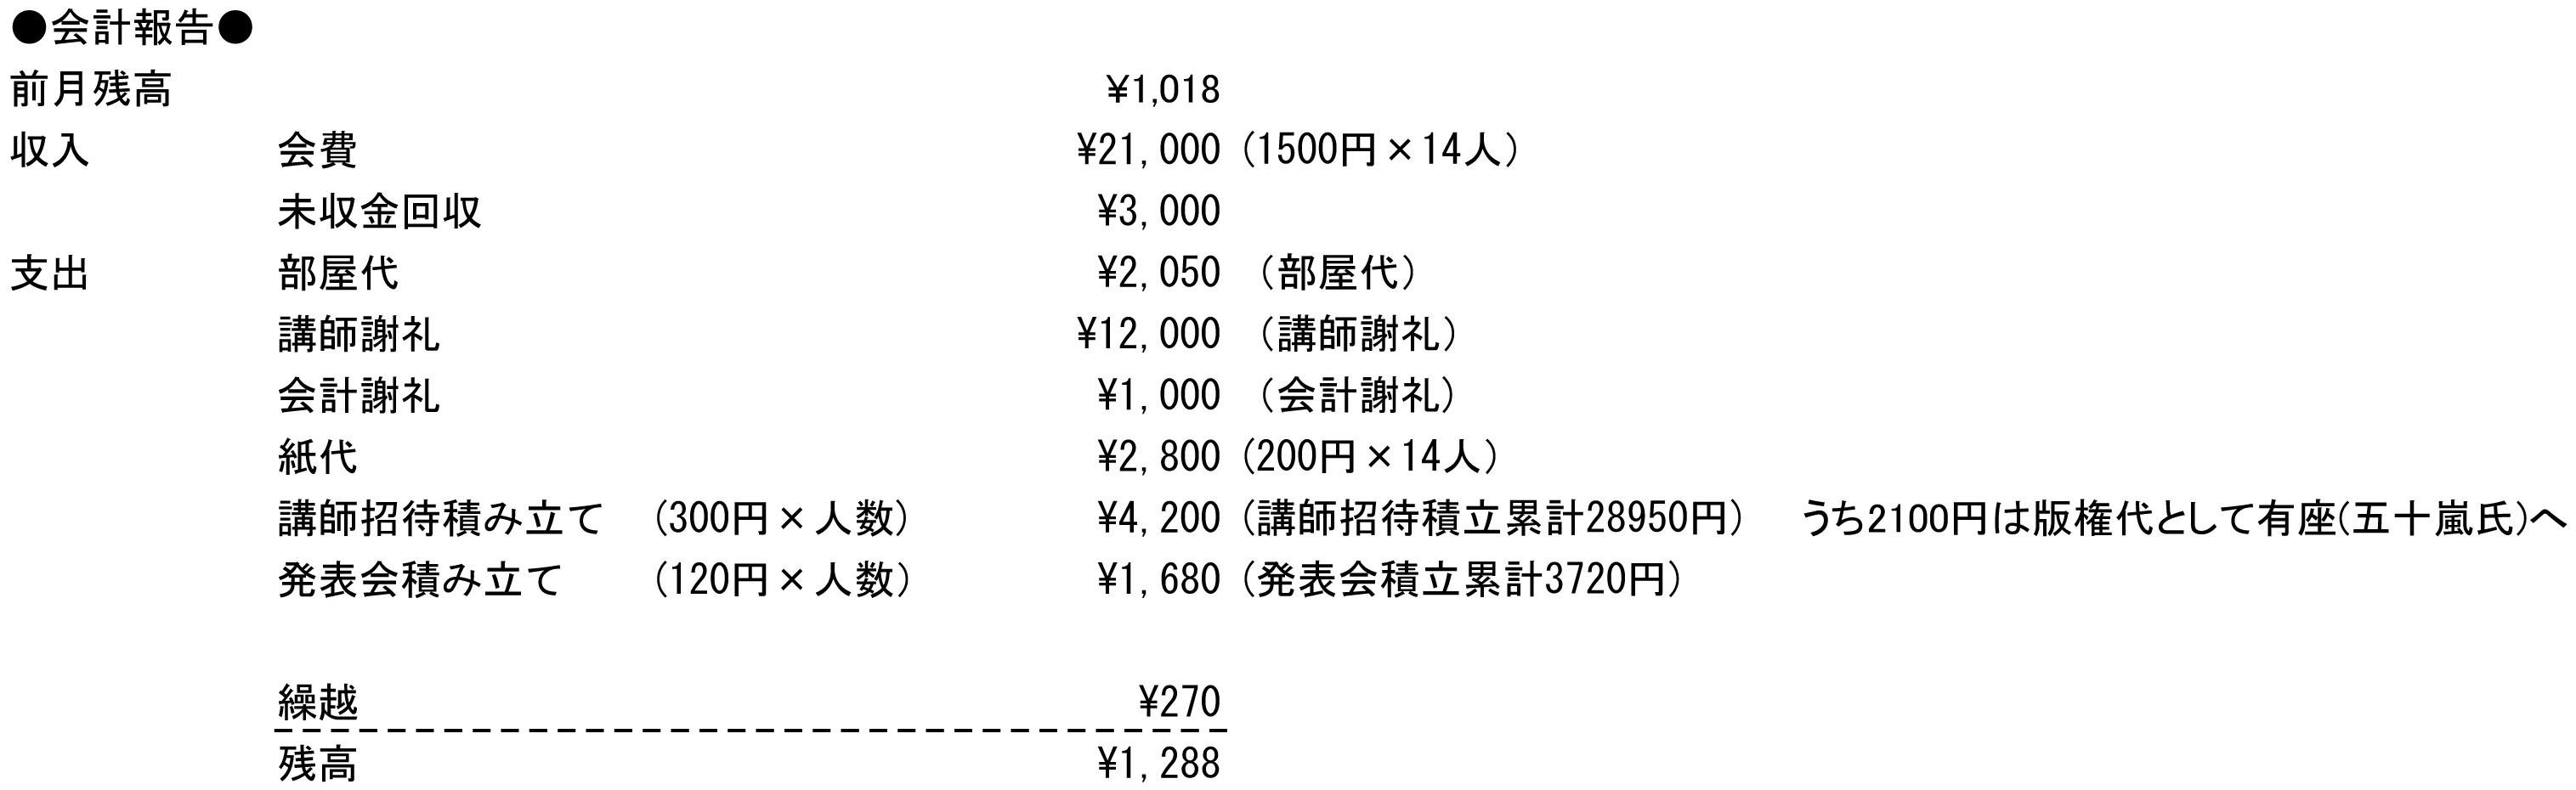 平成30年3月会計報告